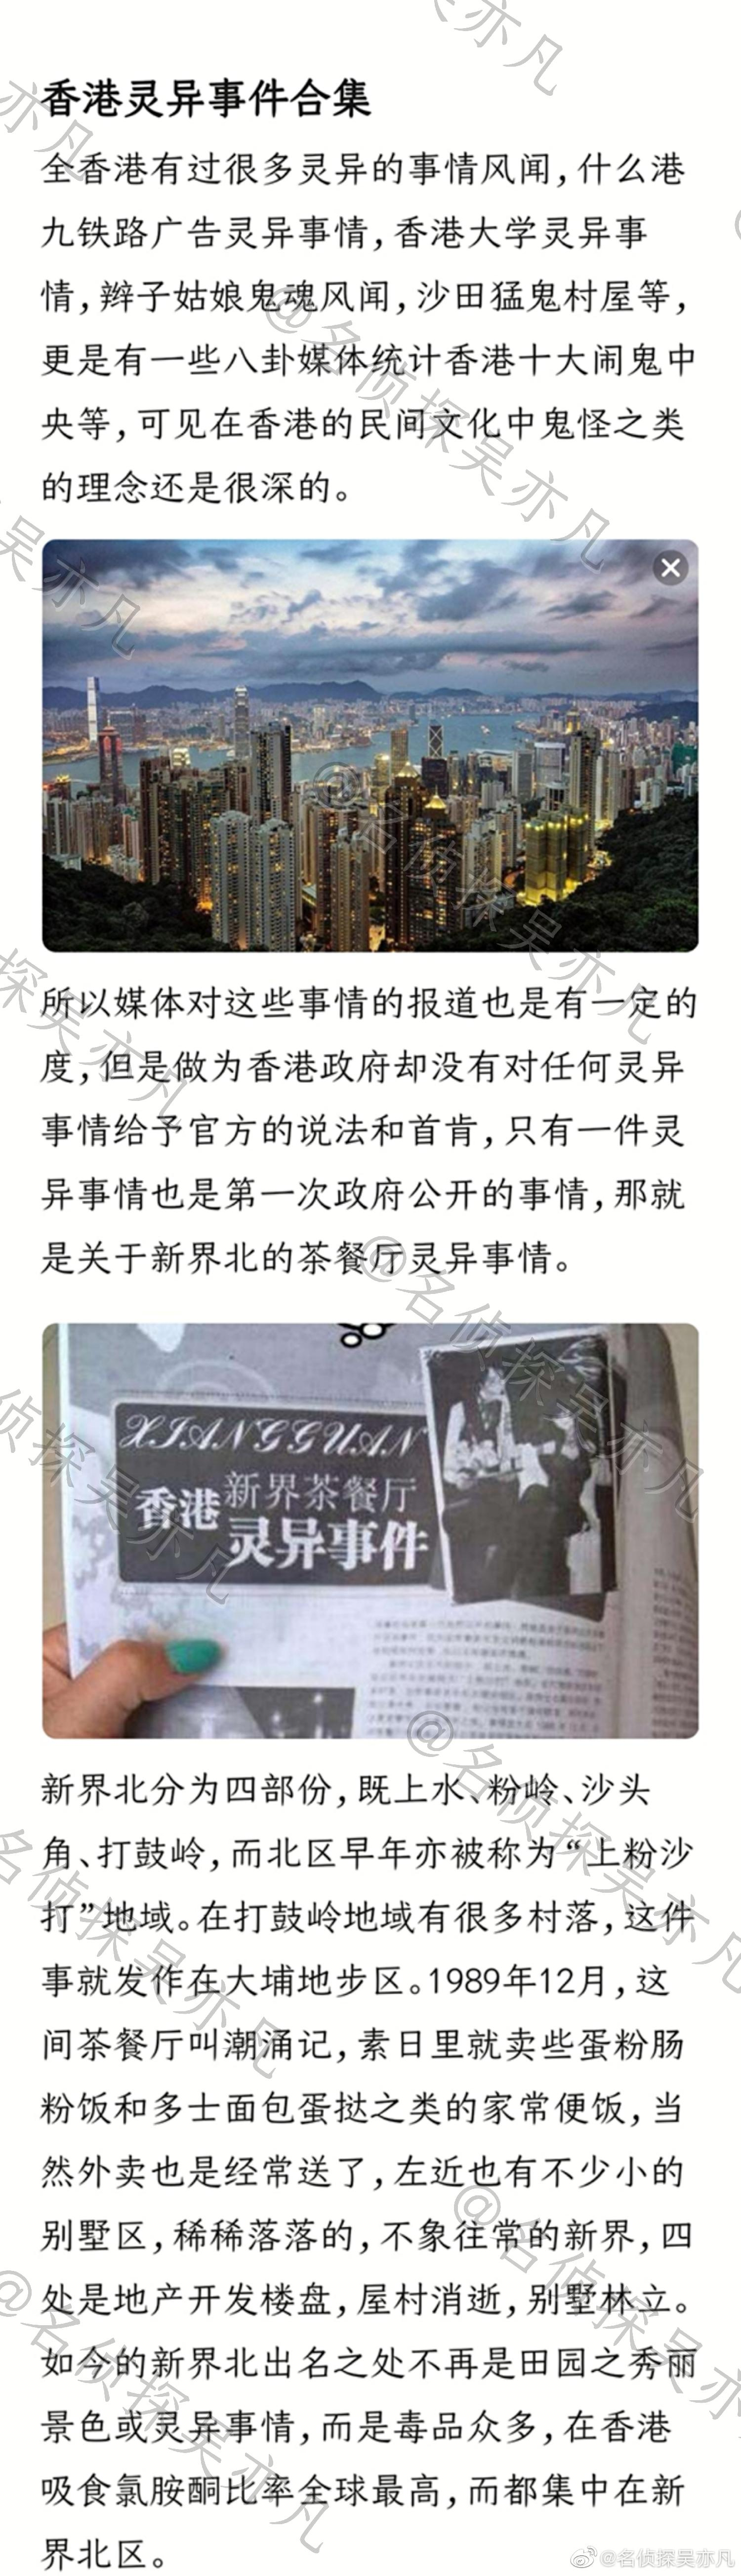 凡凡又整理了一期关于香港的灵异传说,其中包括了